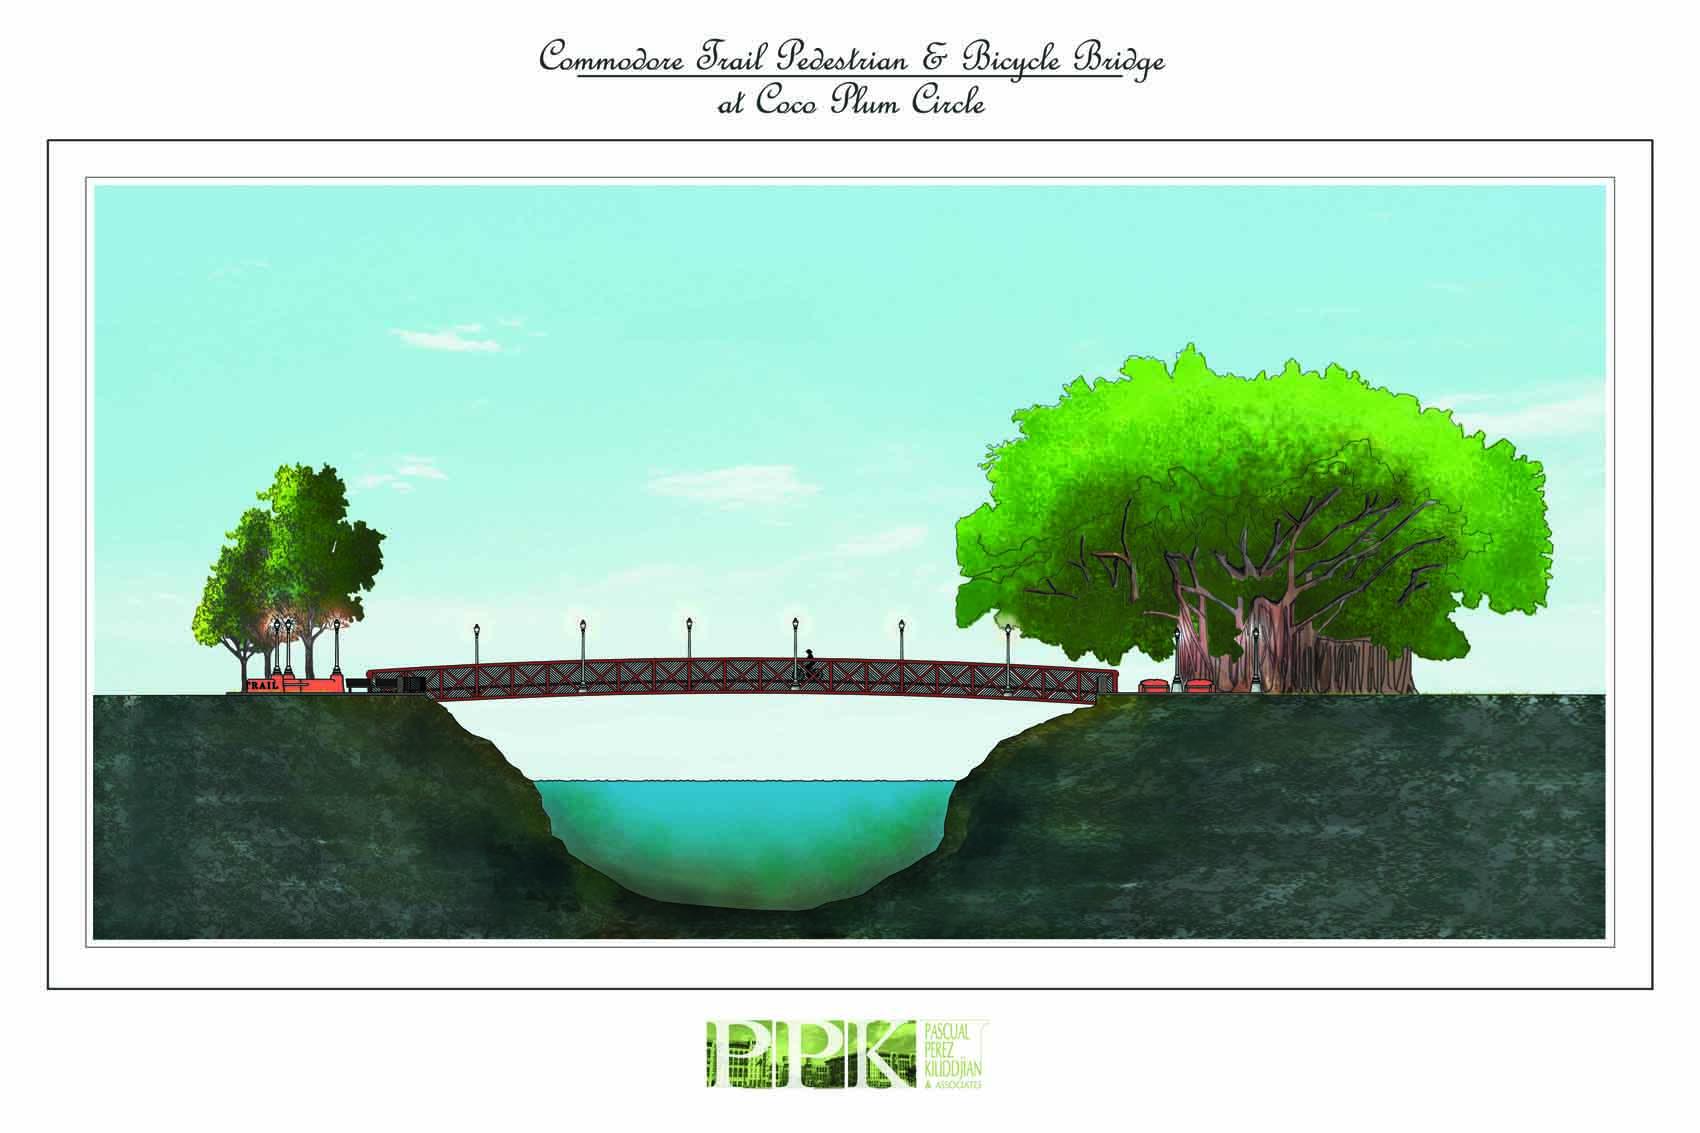 Commodore Trail Pedestrian Bridge